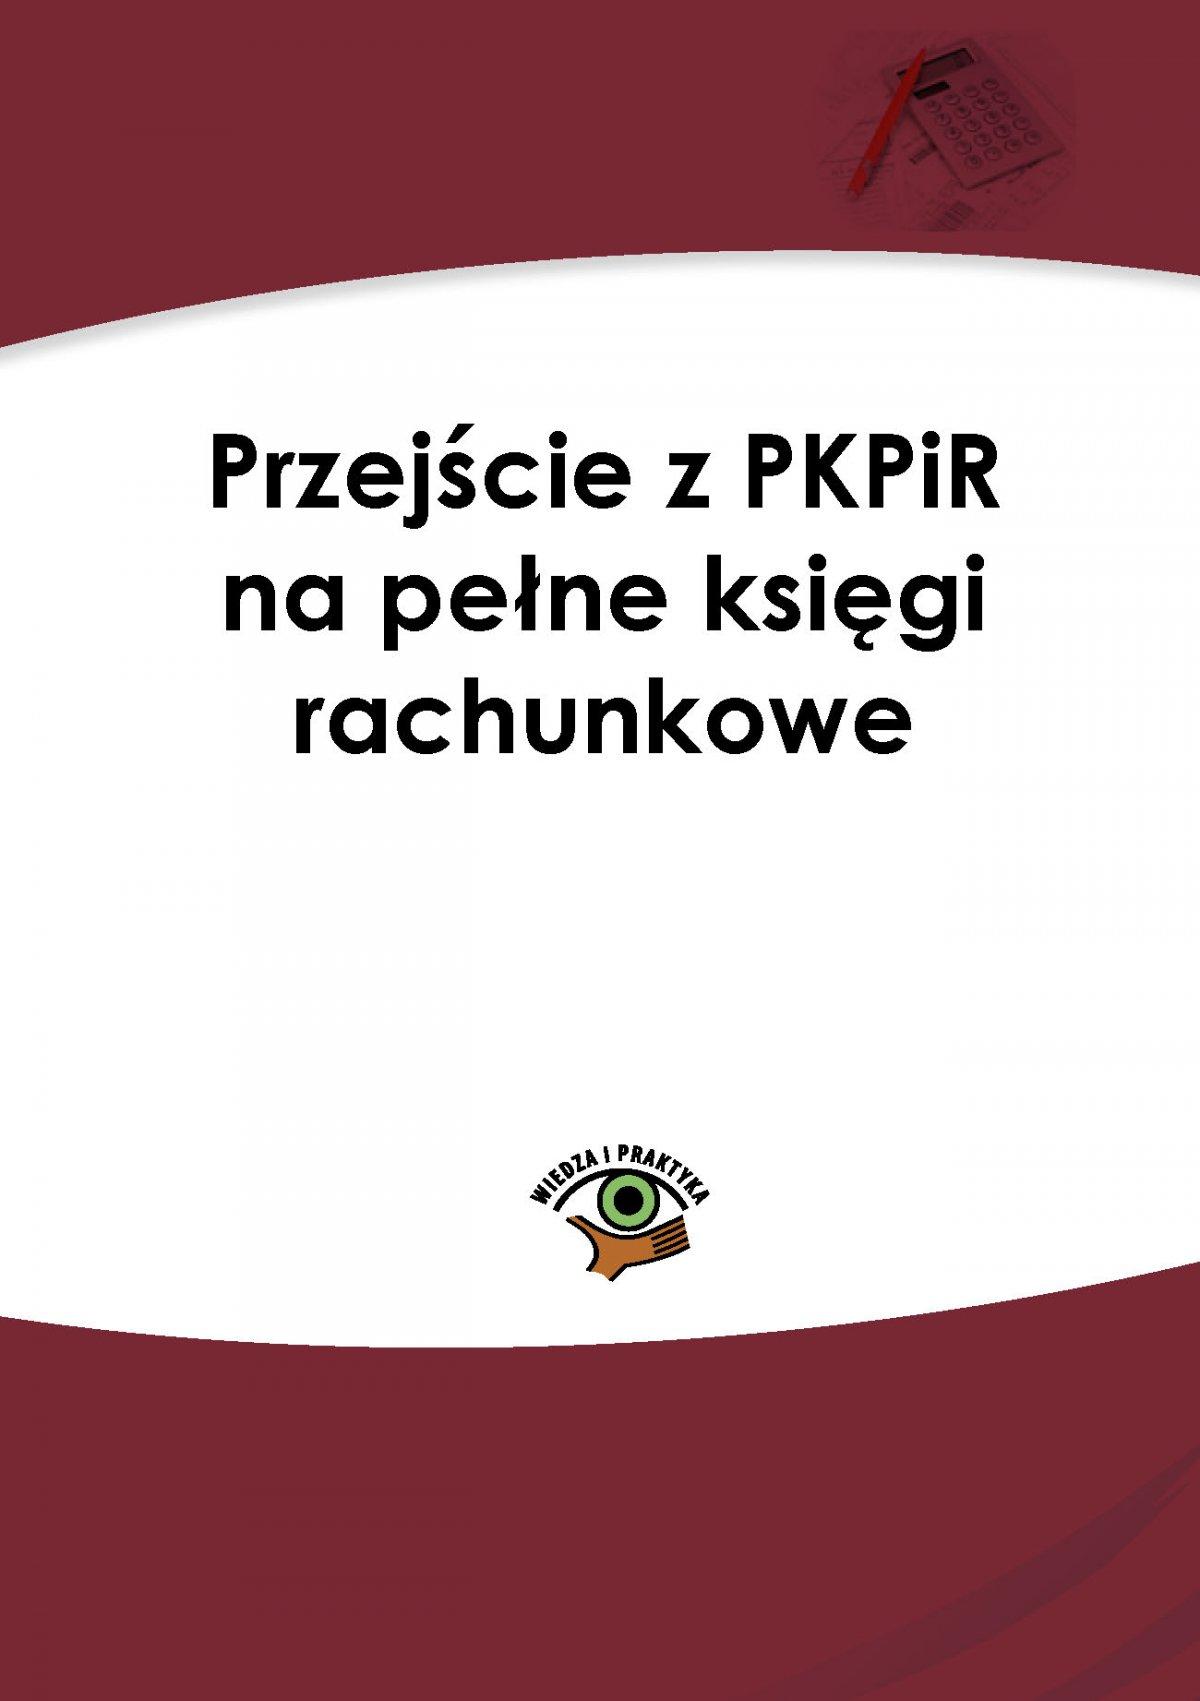 Przejście z PKPiR na pełne księgi rachunkowe - Ebook (Książka PDF) do pobrania w formacie PDF